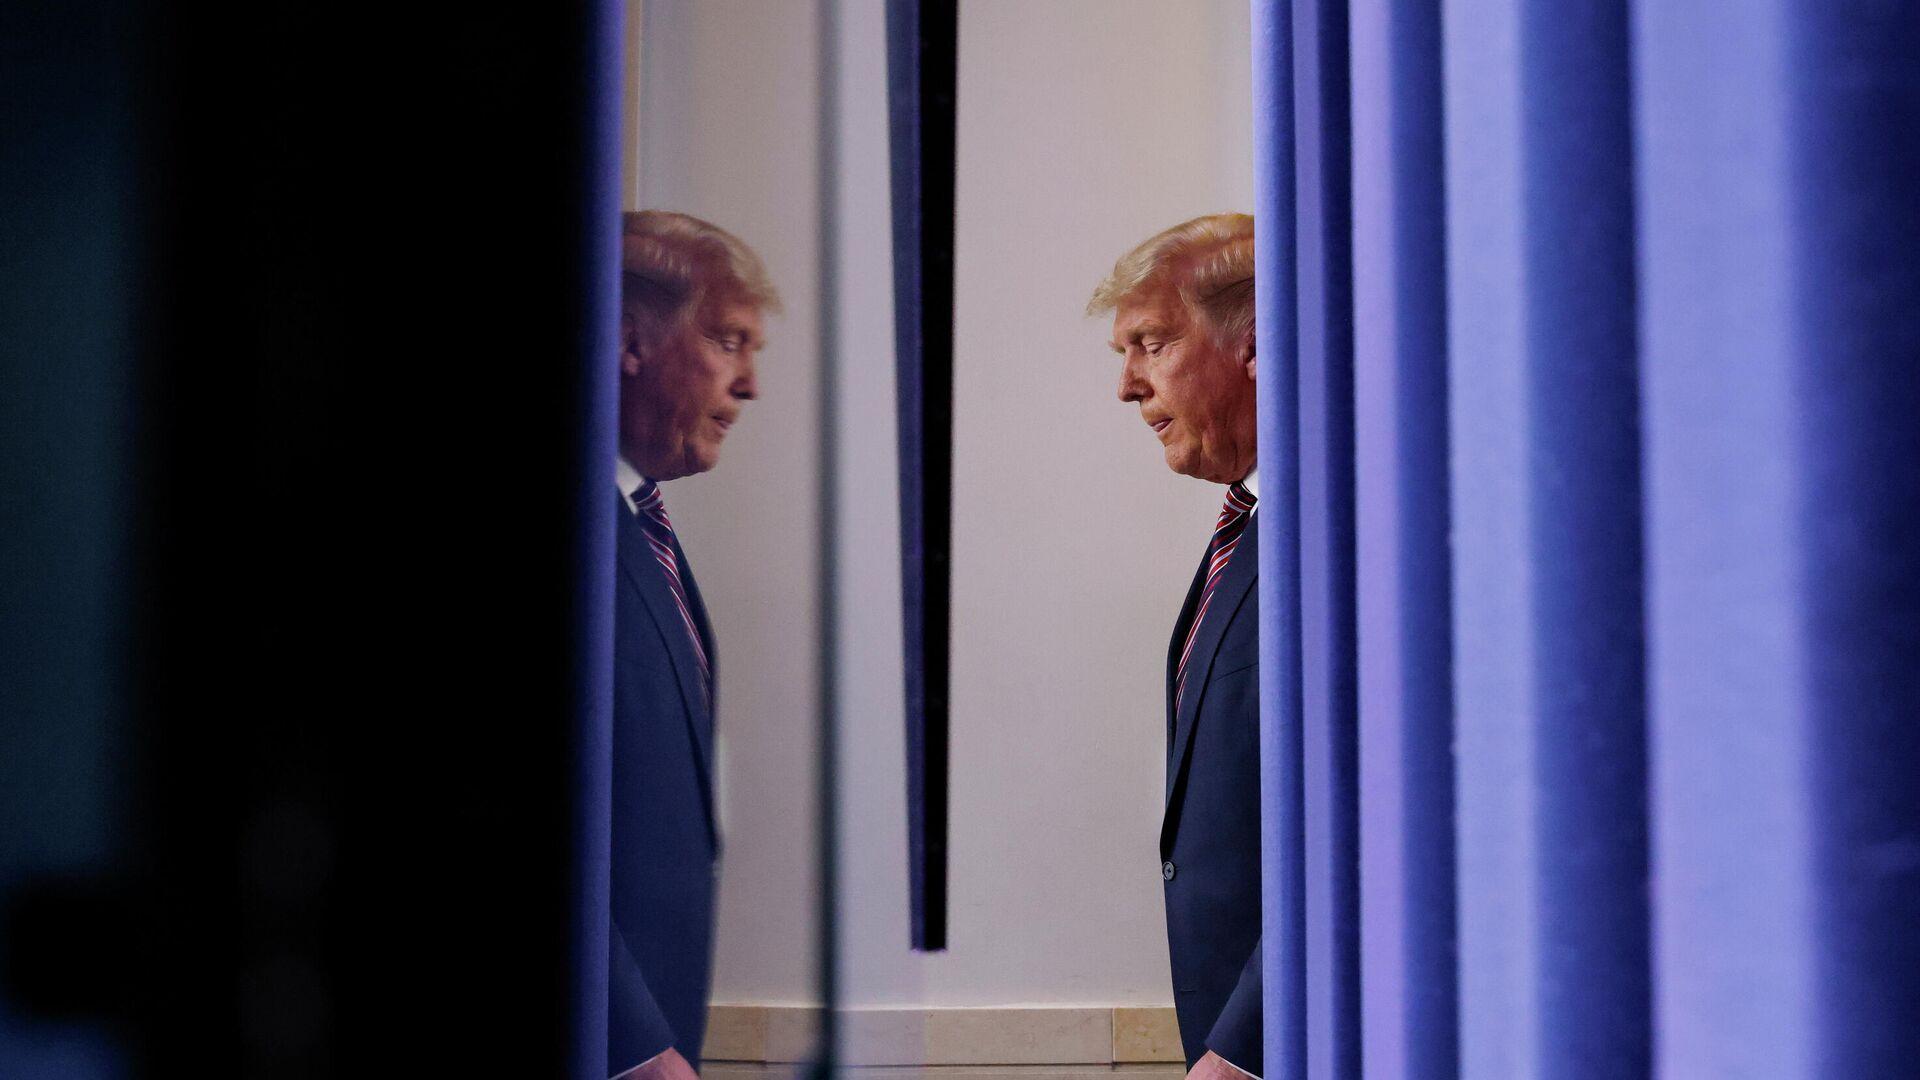 Президент США Дональд Трамп перед выступлением в Белом доме в Вашингтоне - РИА Новости, 1920, 07.11.2020